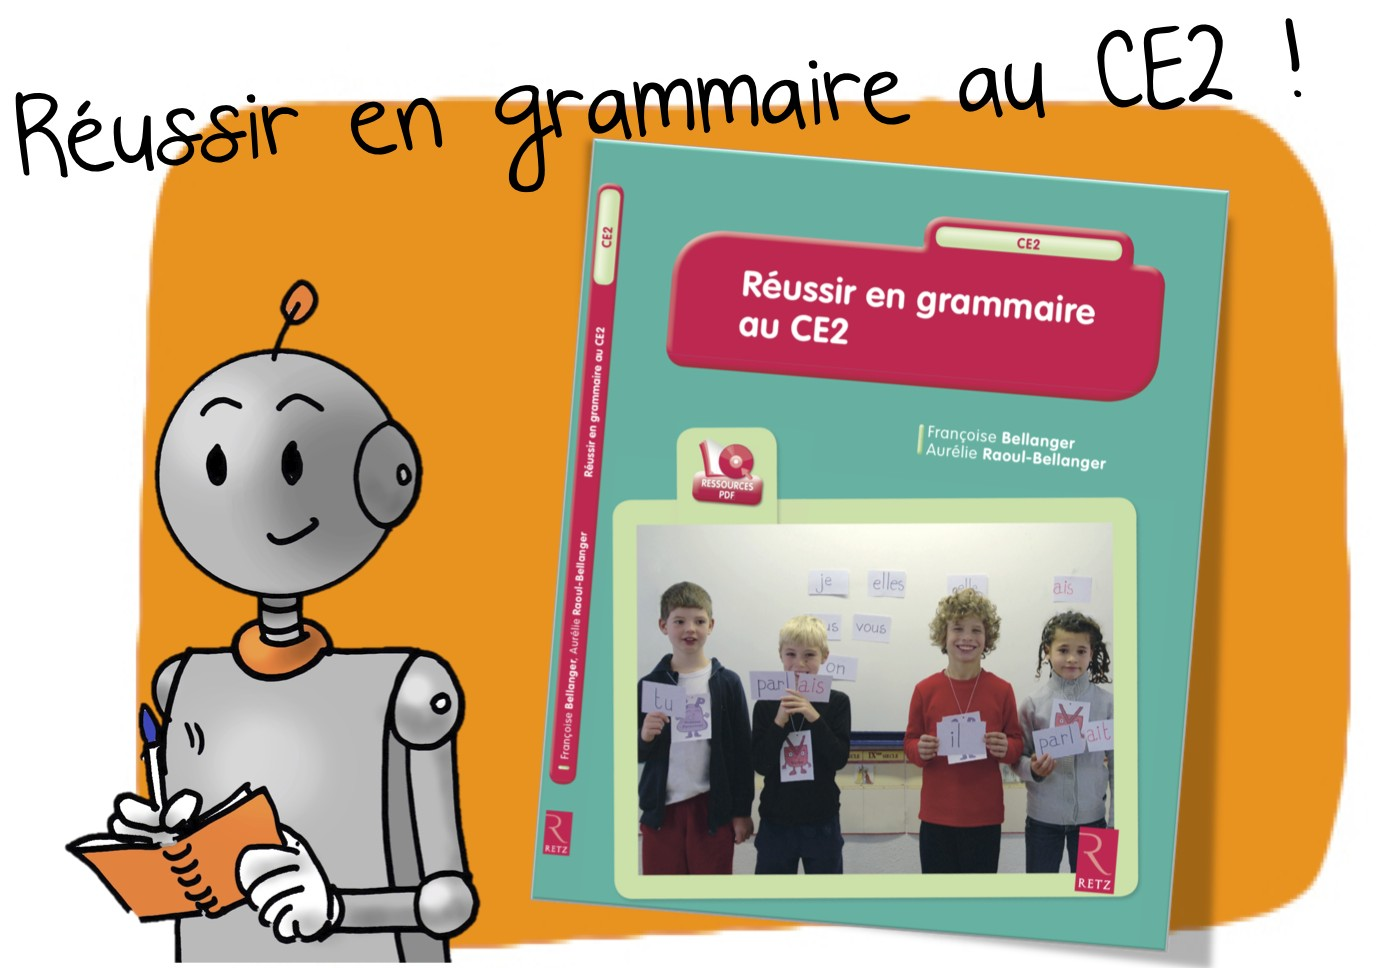 Reussir Sa Grammaire En Ce2 Rseeg Ce2 Bout De Gomme